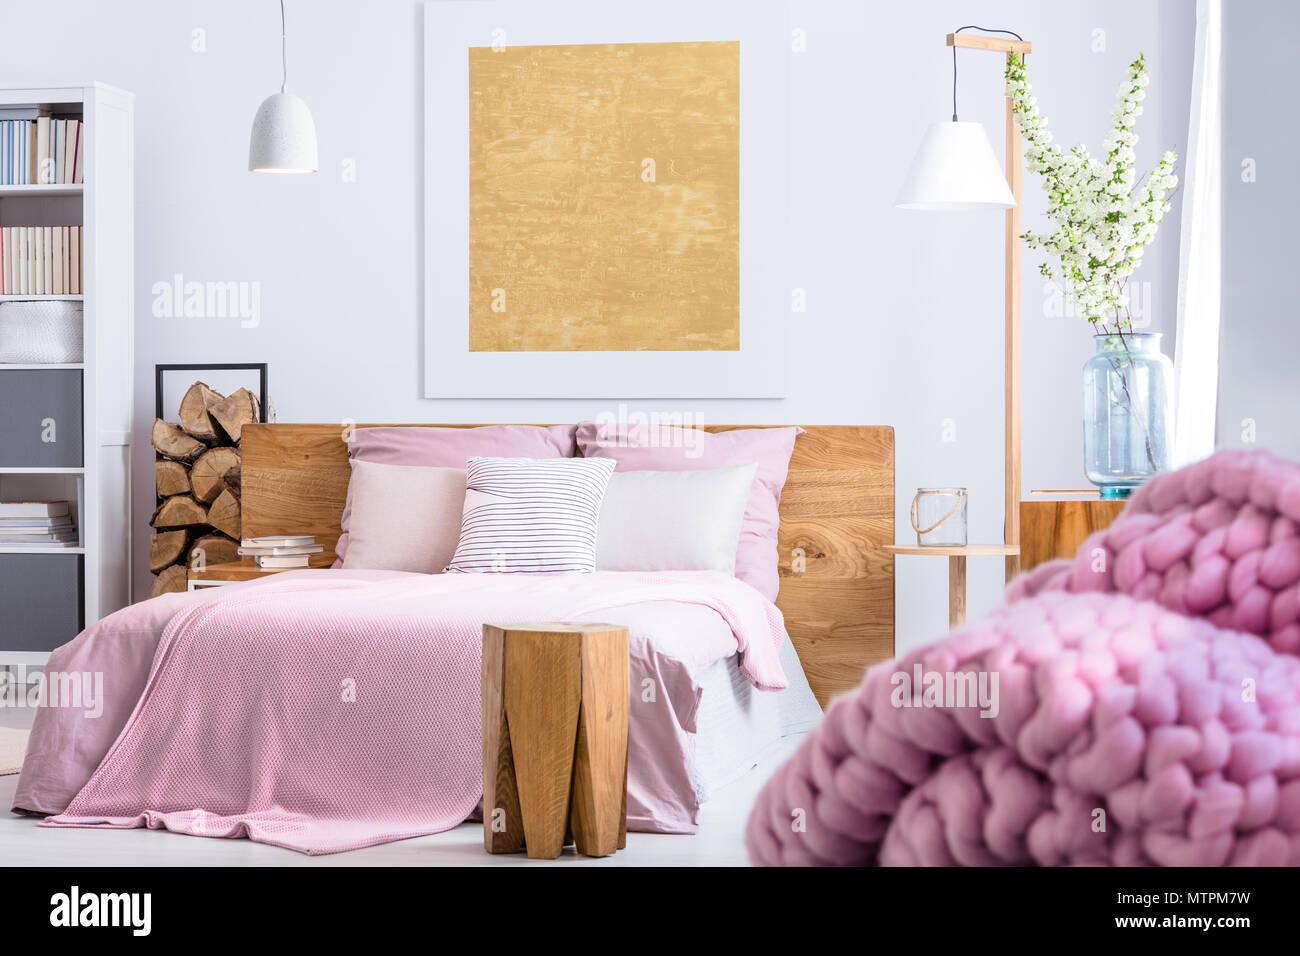 Camera Da Letto Color Rosa : Accogliente camera da letto progettato in legno e lo stile di